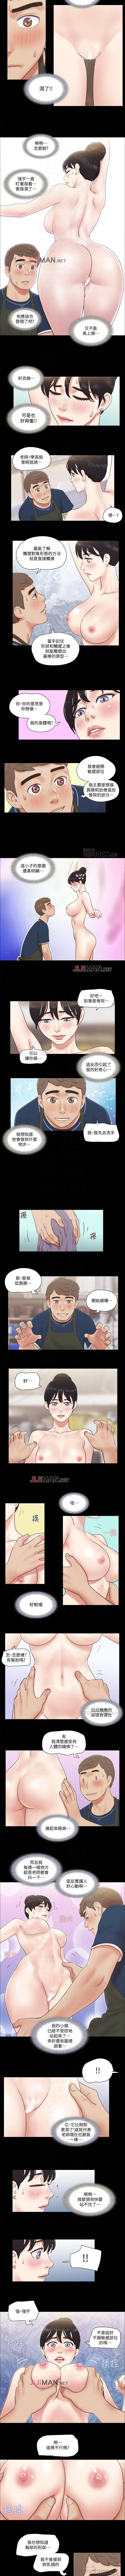 【周五连载】协议换爱(作者:遠德) 第1~62话 218